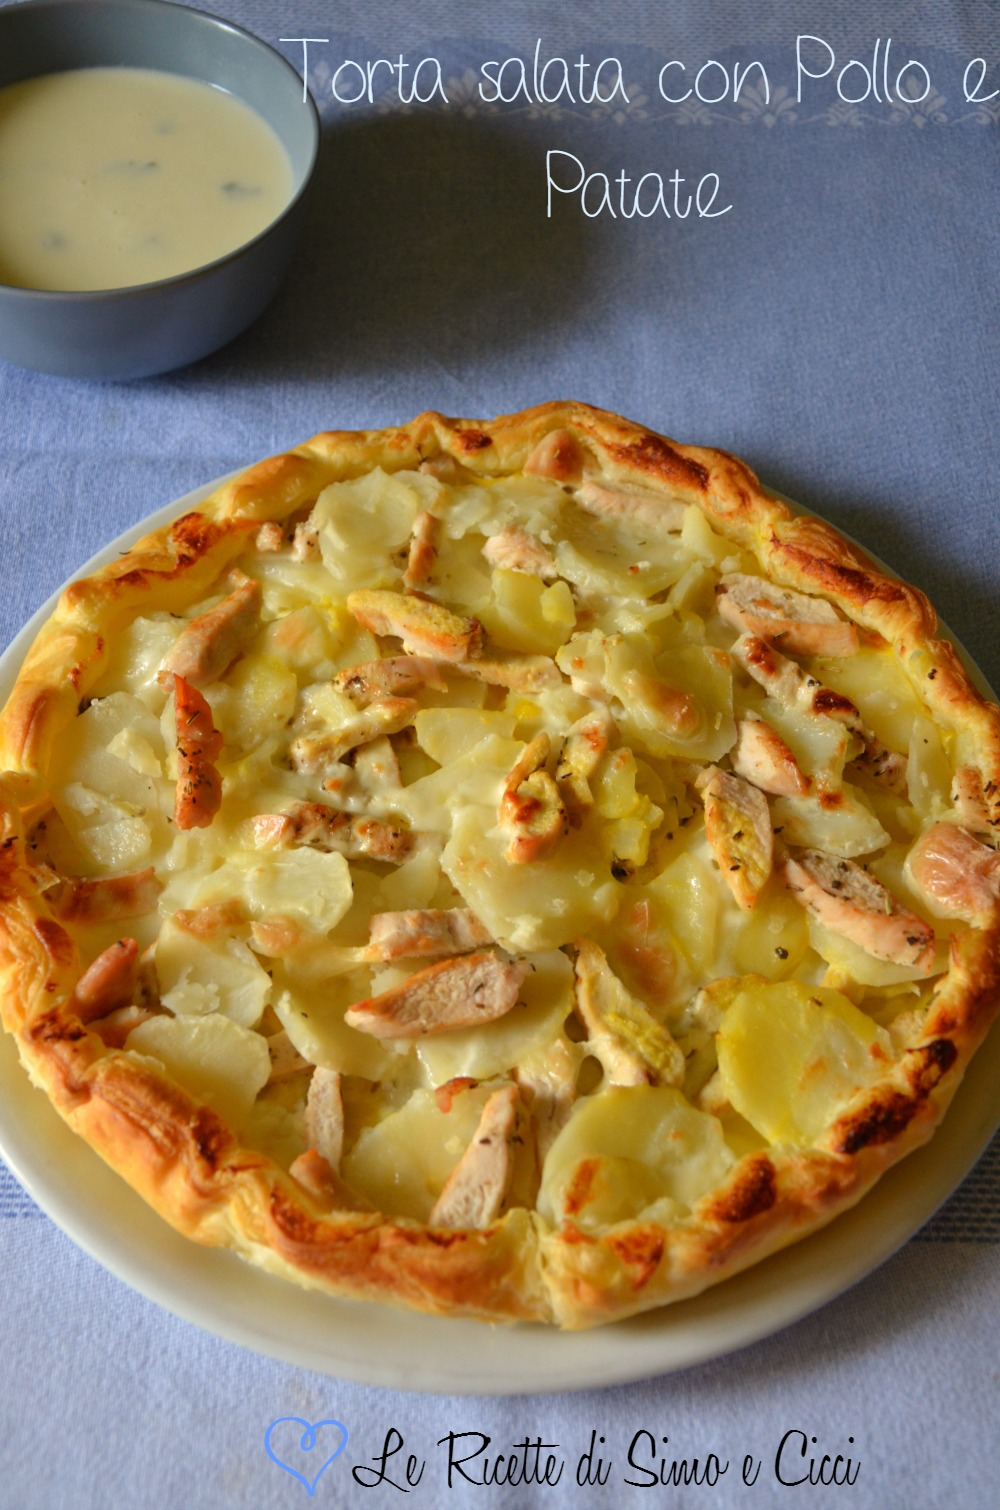 Torta Salata con Patate Pollo e Salsa alla Crescenza e Salvia